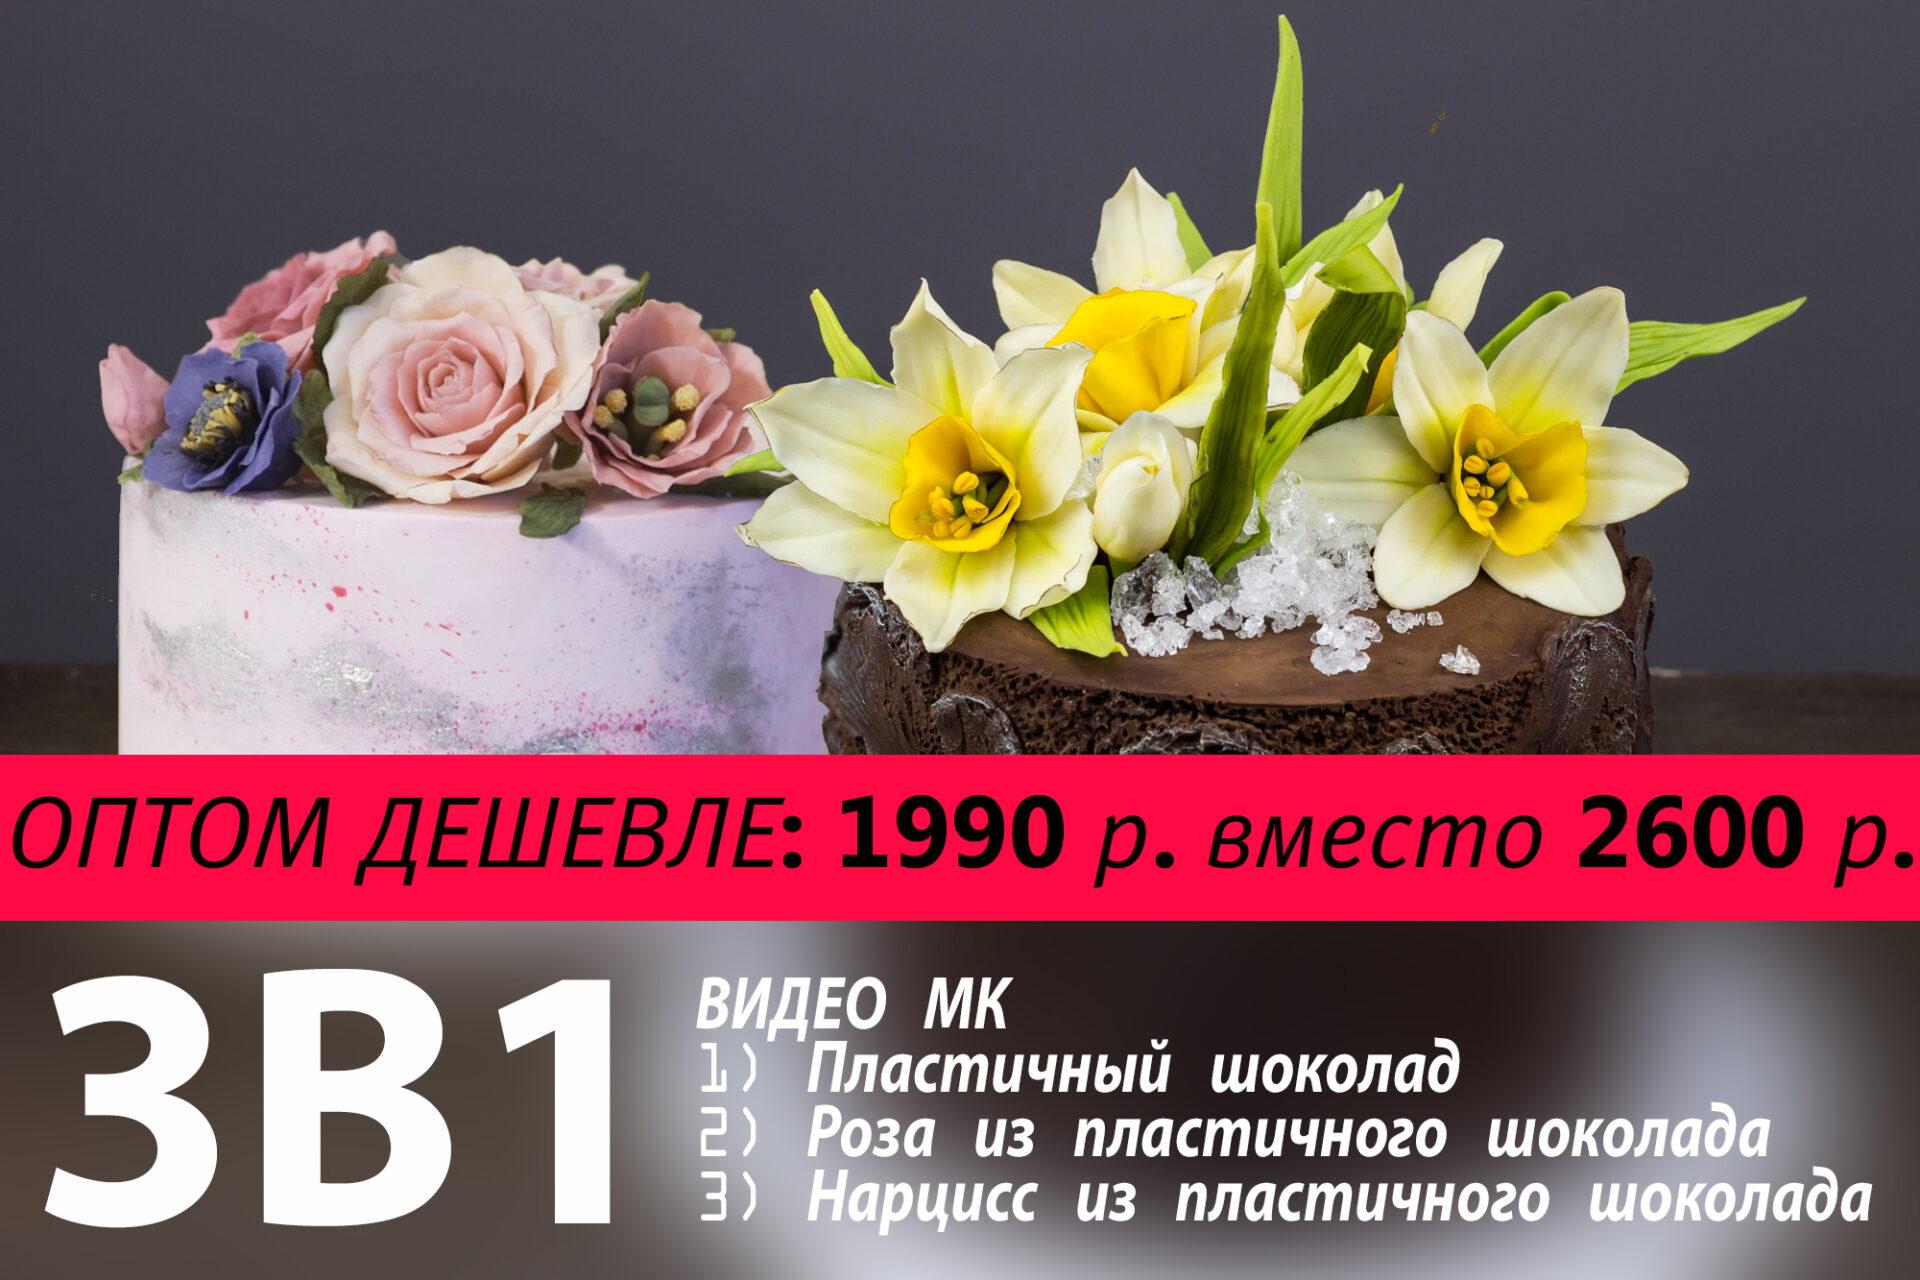 АКЦИЯ: 3 ВИДЕО МК ЗА 1990